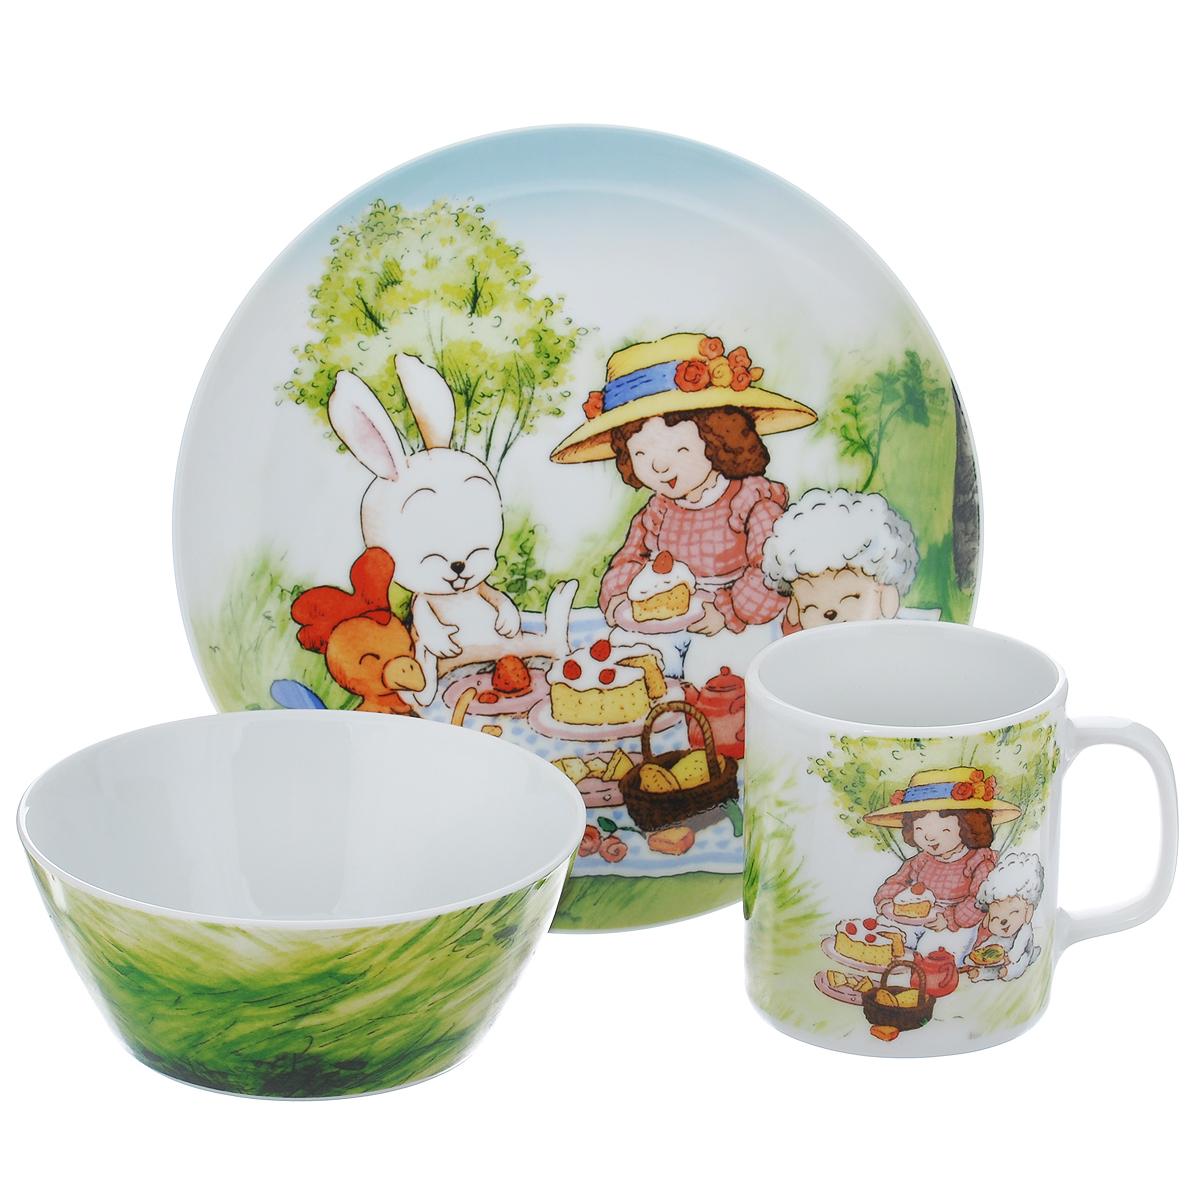 """Набор детской фарфоровой посуды """"Lovely Lady"""" привлечет внимание вашей малышки и не позволит ей скучать. Набор состоит из чашки, супницы и тарелки, оформленных рисунком в виде сказочных животных. Предметы набора допустимо использовать в микроволновой печи и мыть в посудомоечной машине."""